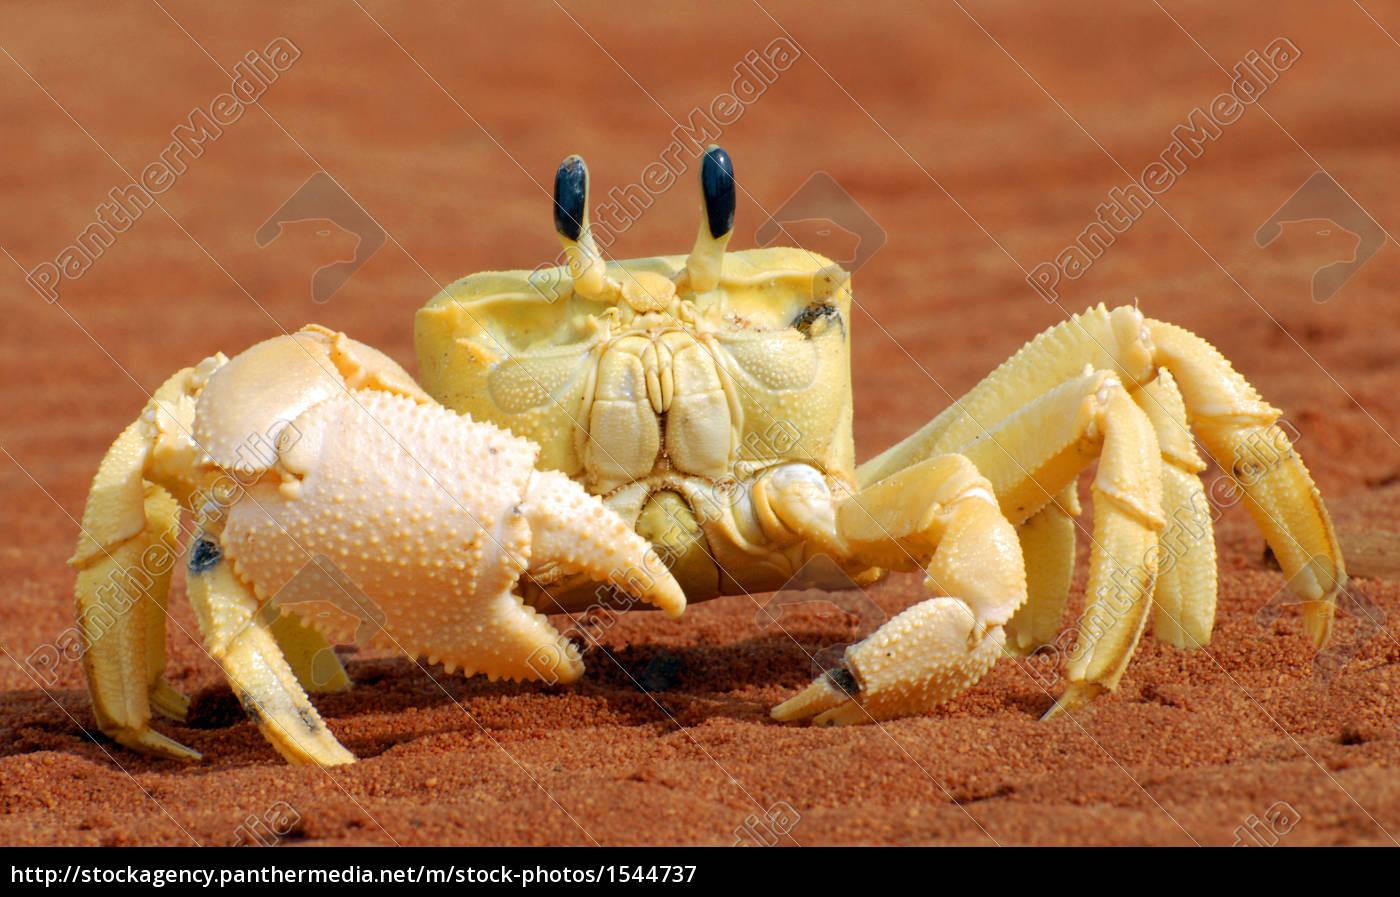 crab - 1544737